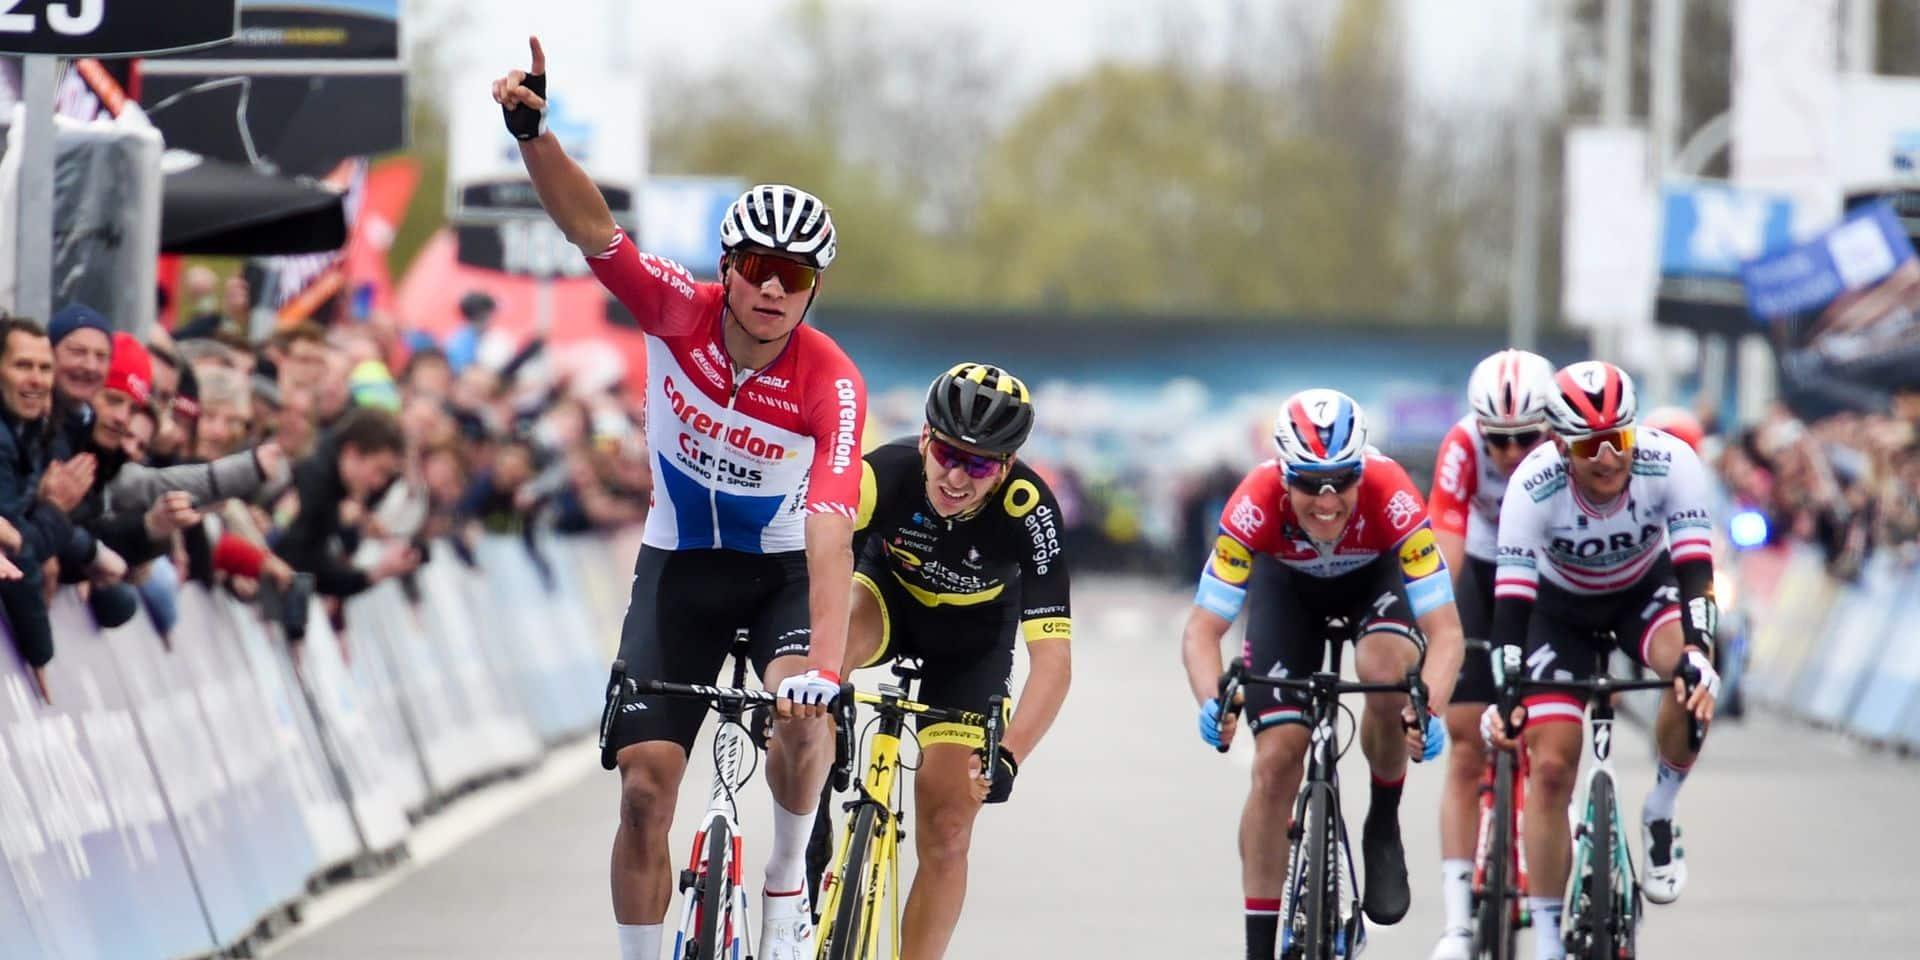 A travers la Flandre : Les wild cards pour trois équipes belges et une française